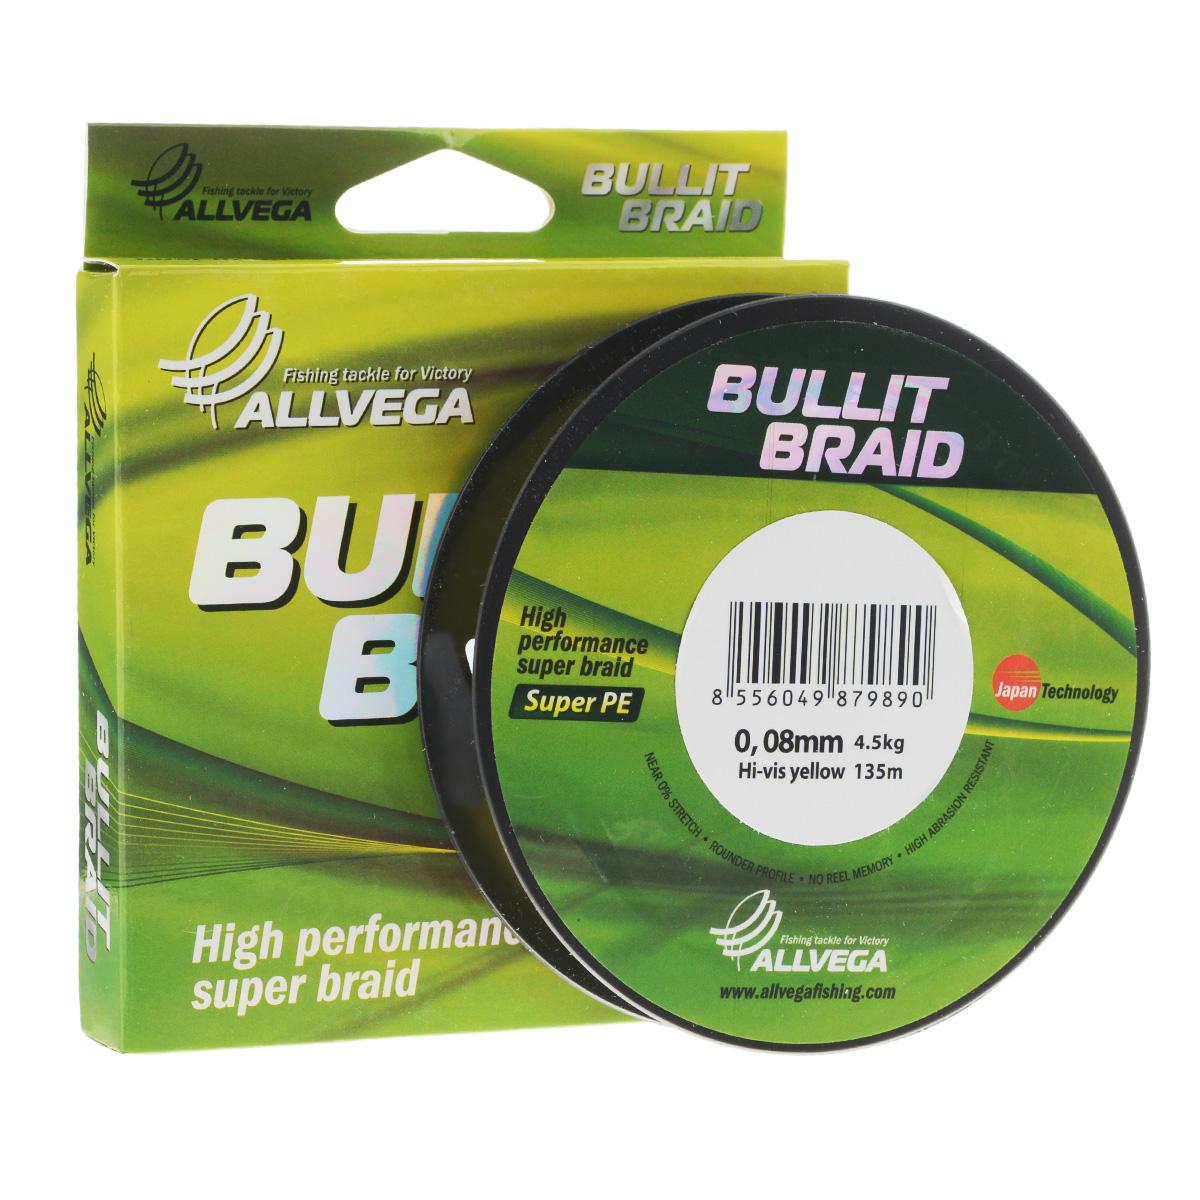 Леска плетеная Allvega Bullit Braid, цвет: ярко-желтый, 135 м, 0,08 мм, 4,5 кгPGPS7797CIS08GBNVЛеска Allvega Bullit Braid с гладкой поверхностью и одинаковым сечением по всей длине обладает высокой износостойкостью. Благодаря микроволокнам полиэтилена (Super PE) леска имеет очень плотное плетение и не впитывает воду. Леску Allvega Bullit Braid можно применять в любых типах водоемов. Особенности:повышенная износостойкость;высокая чувствительность - коэффициент растяжения близок к нулю;отсутствует память; идеально гладкая поверхность позволяет увеличить дальность забросов; высокая прочность шнура на узлах.